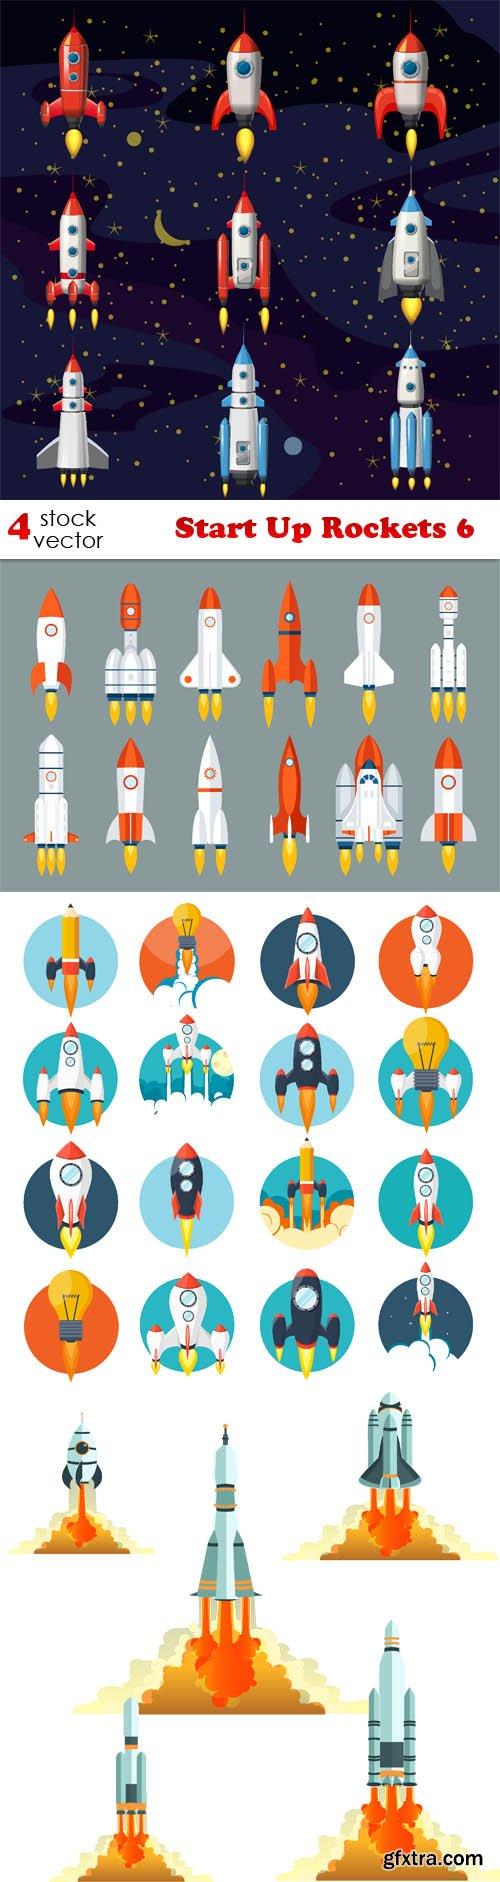 Vectors - Start Up Rockets 6